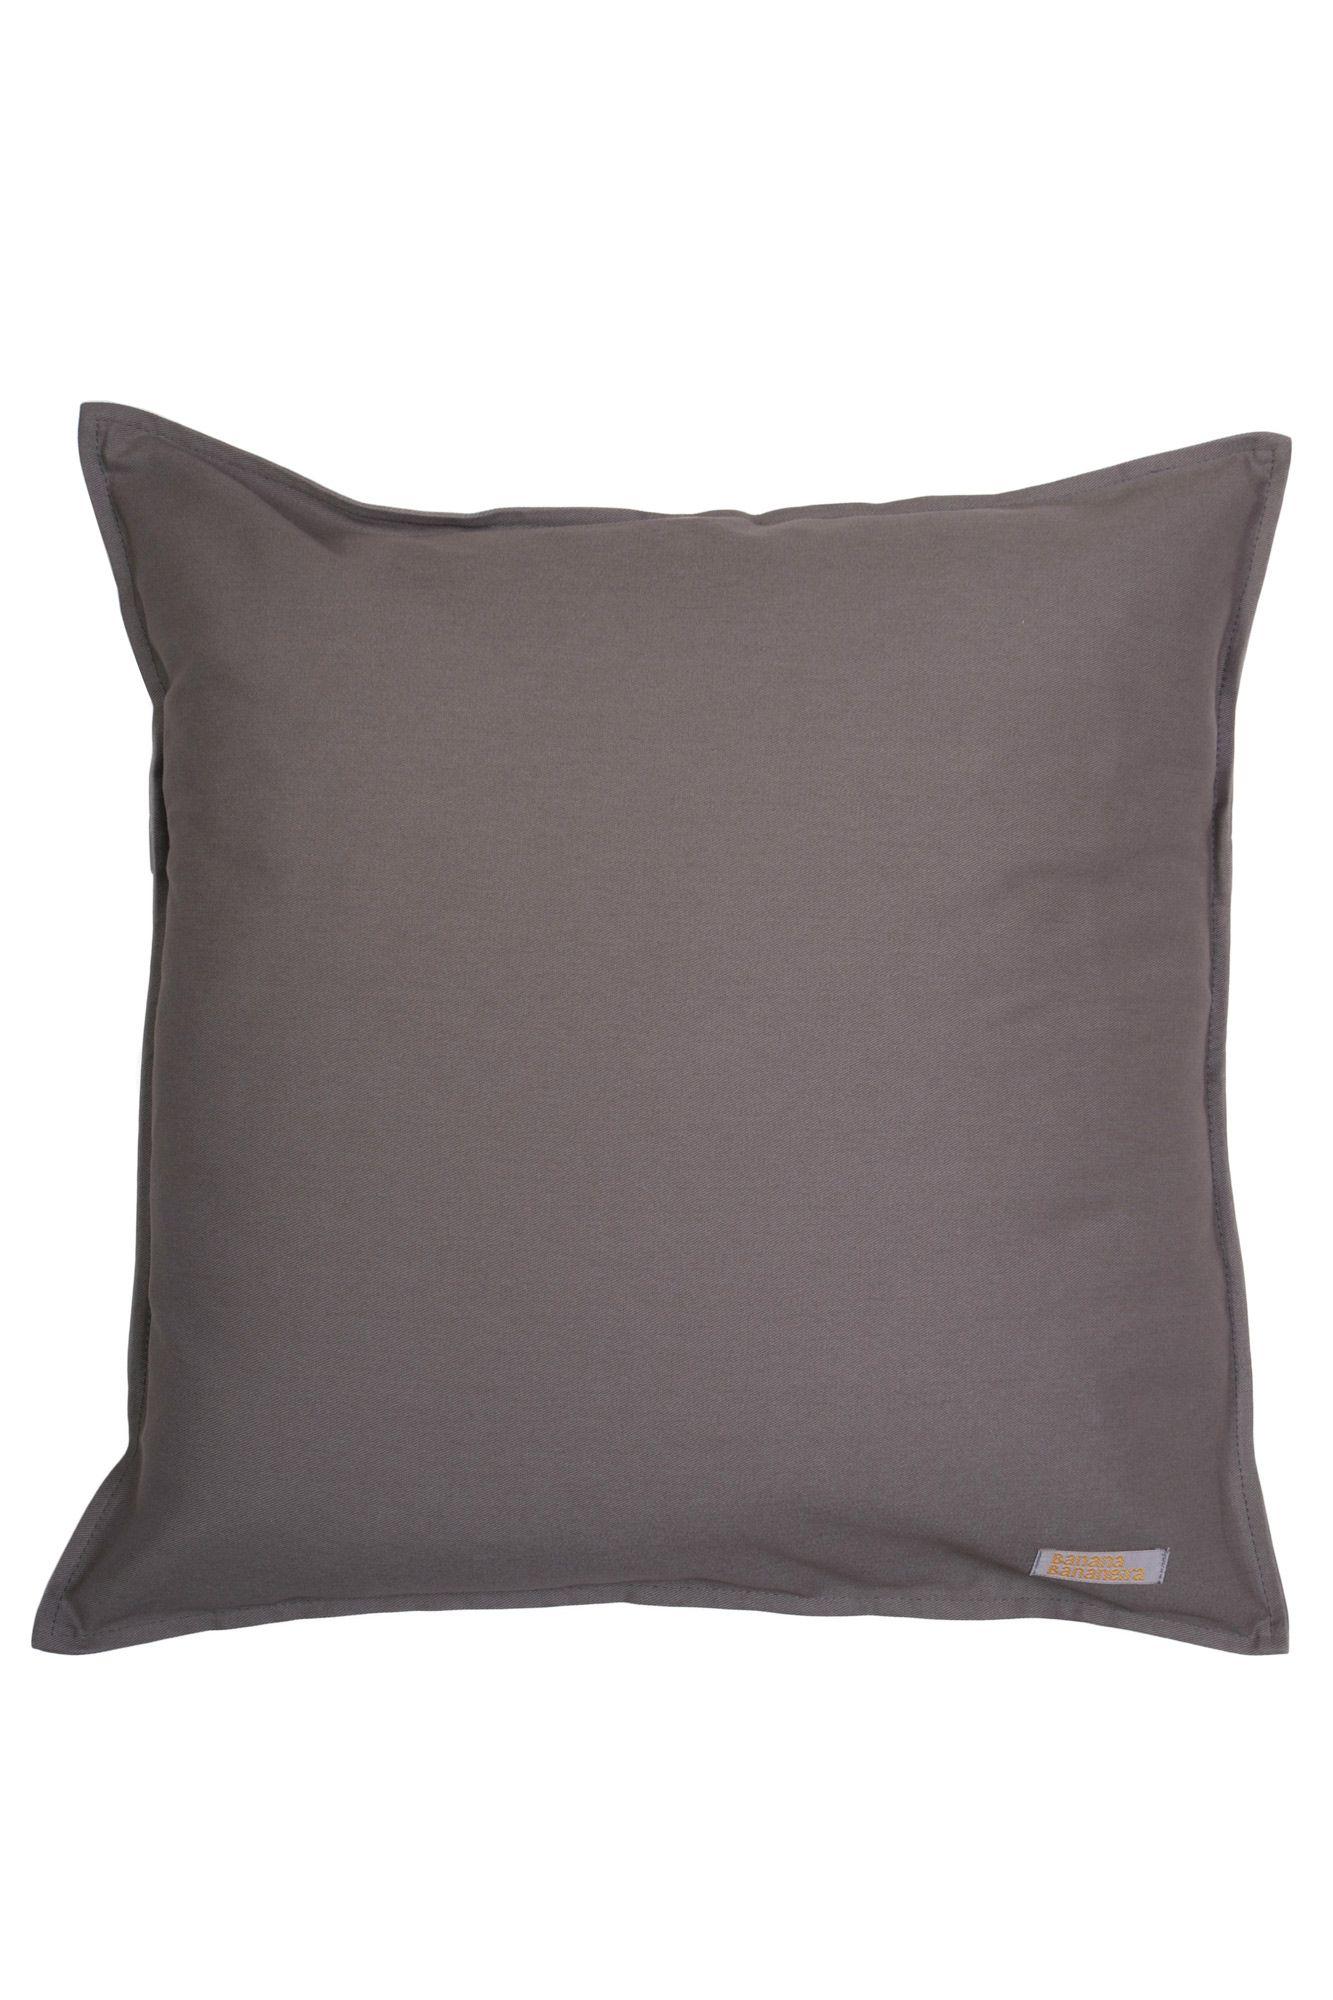 Capa de almofada em pesponto 45 cm x 45 cm cinza